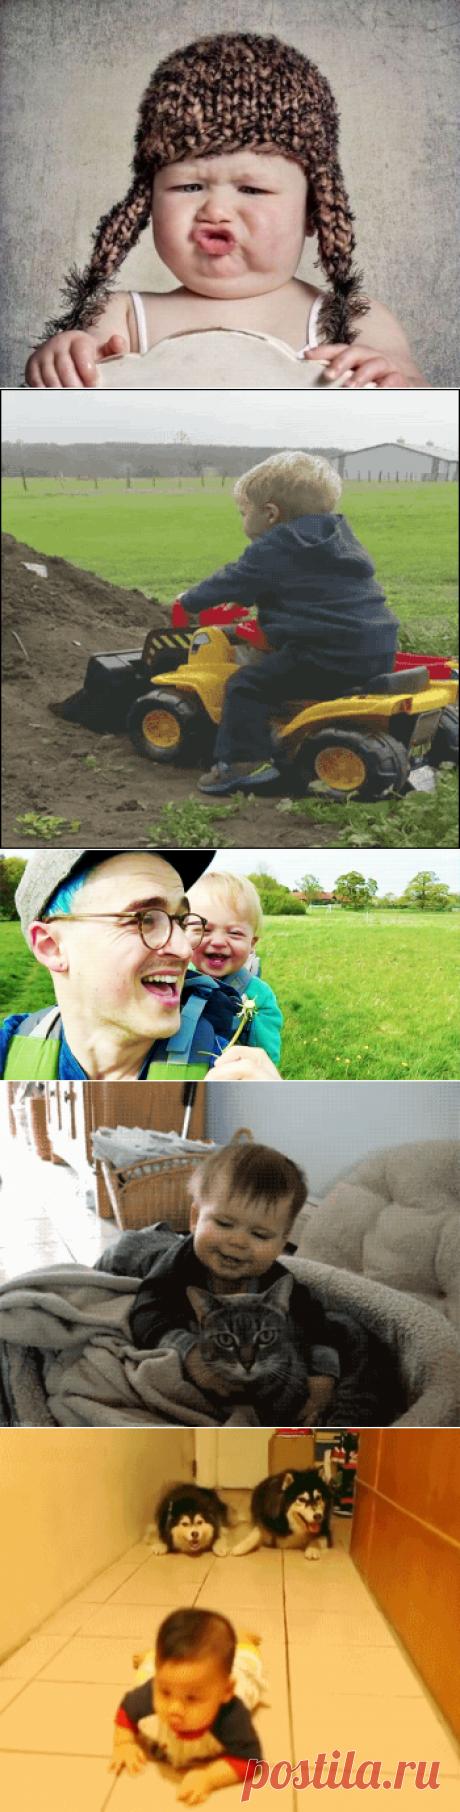 Забавные фото с детьми / Малютка